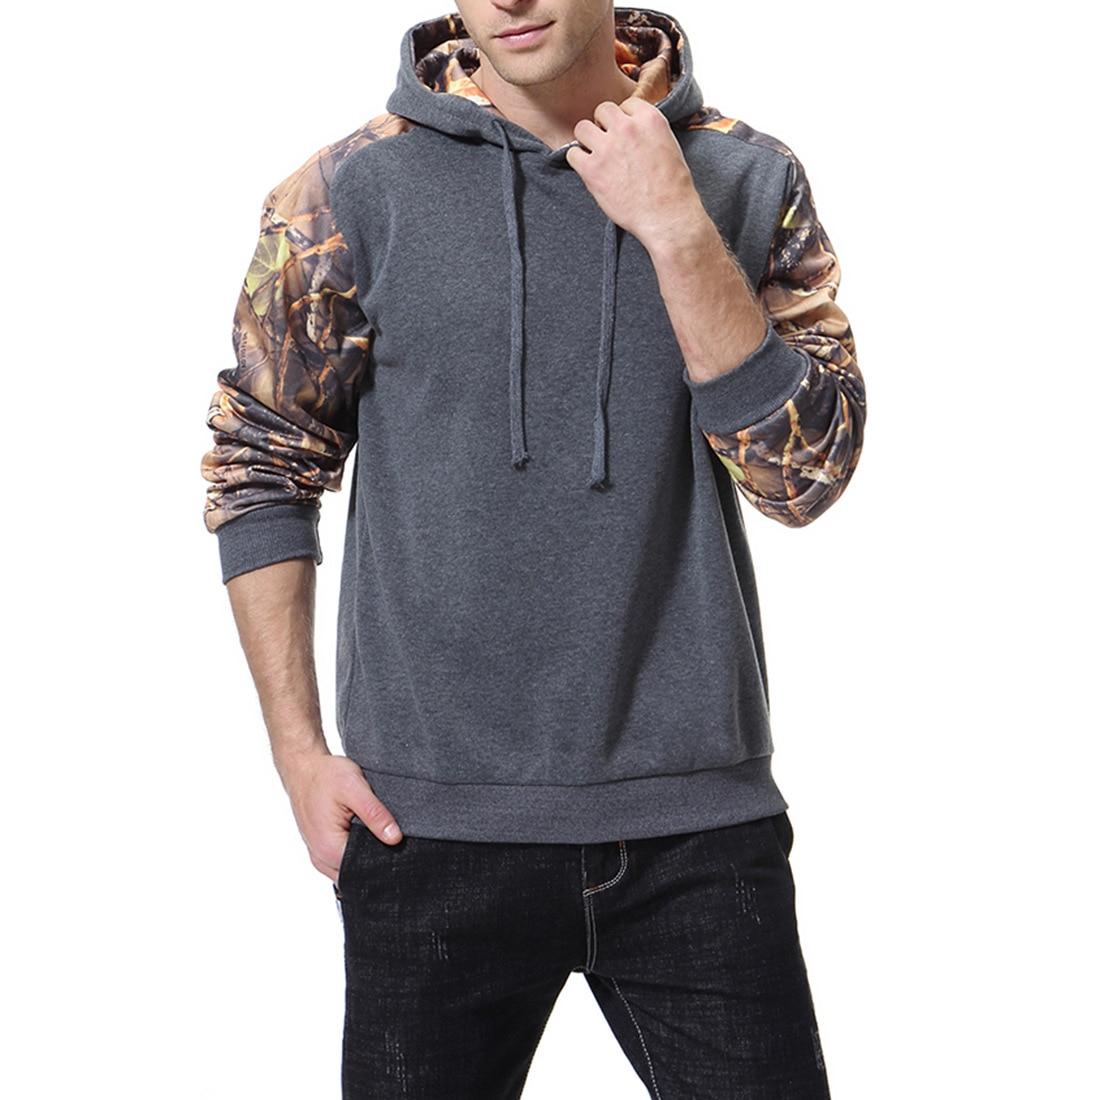 Hoodie Men 39 s Long Sleeve Print Hooded Sweatshirt Men 39 s Hoodie Sportswear Sports Jacket Casual Sportswear S 2XL XY975 in Hoodies amp Sweatshirts from Men 39 s Clothing